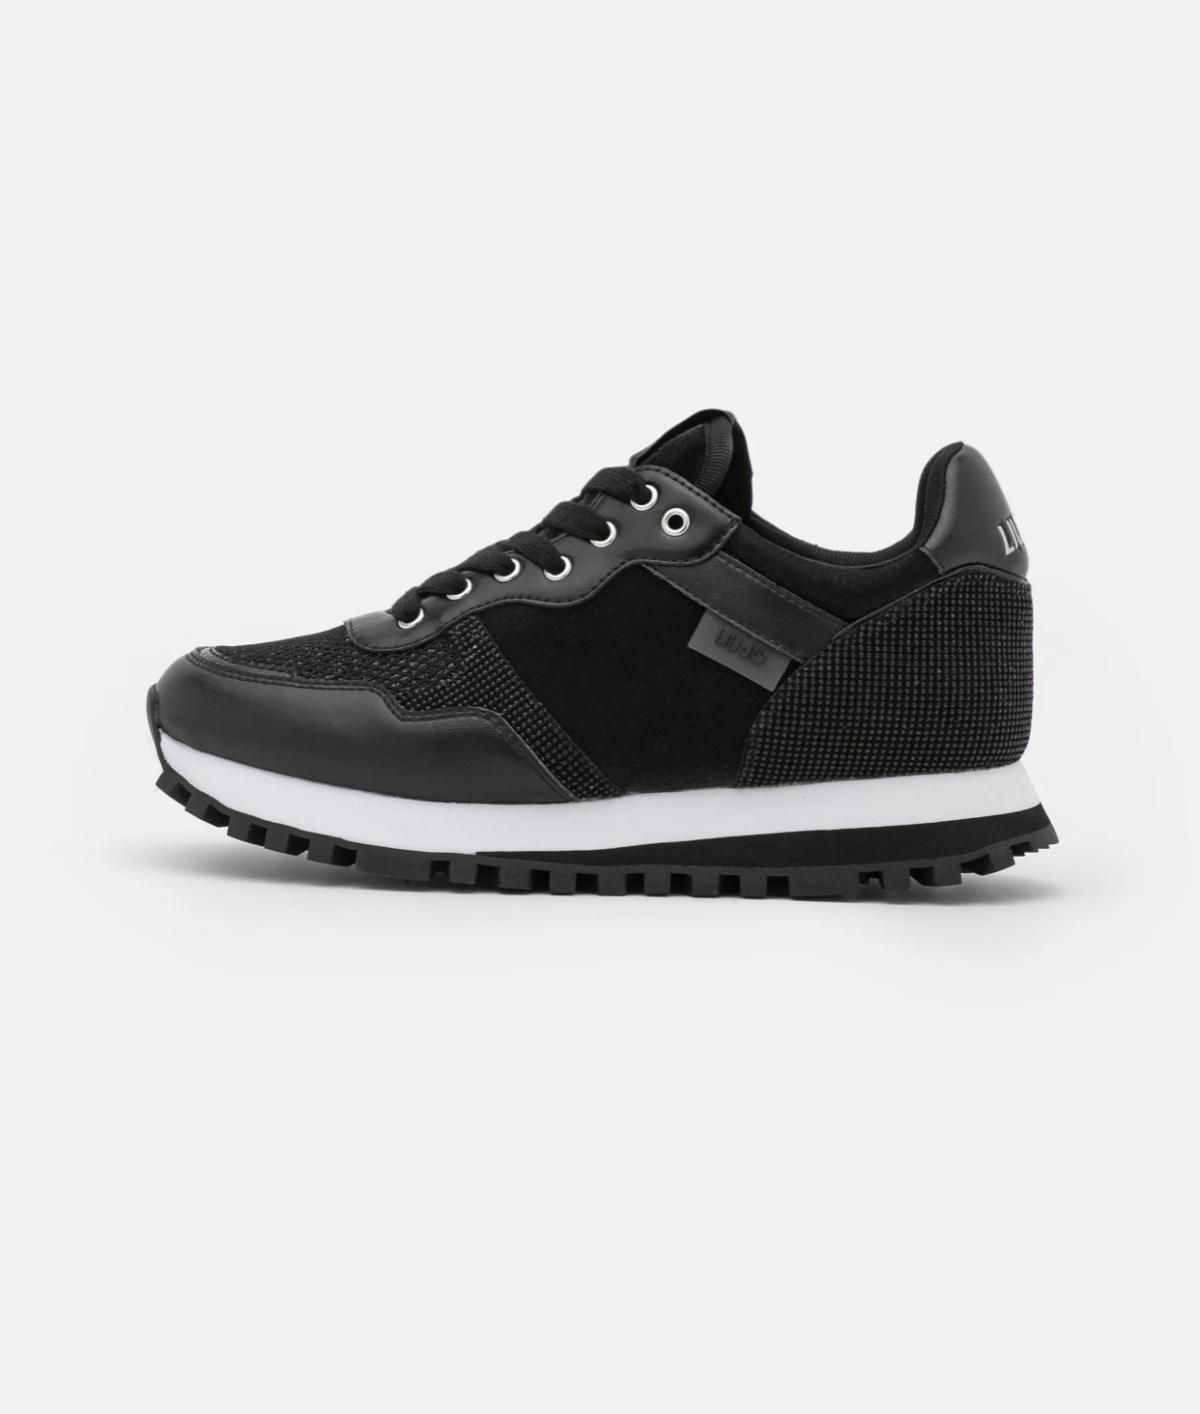 Liu Jo Jeans Sneakers laag Zwart New